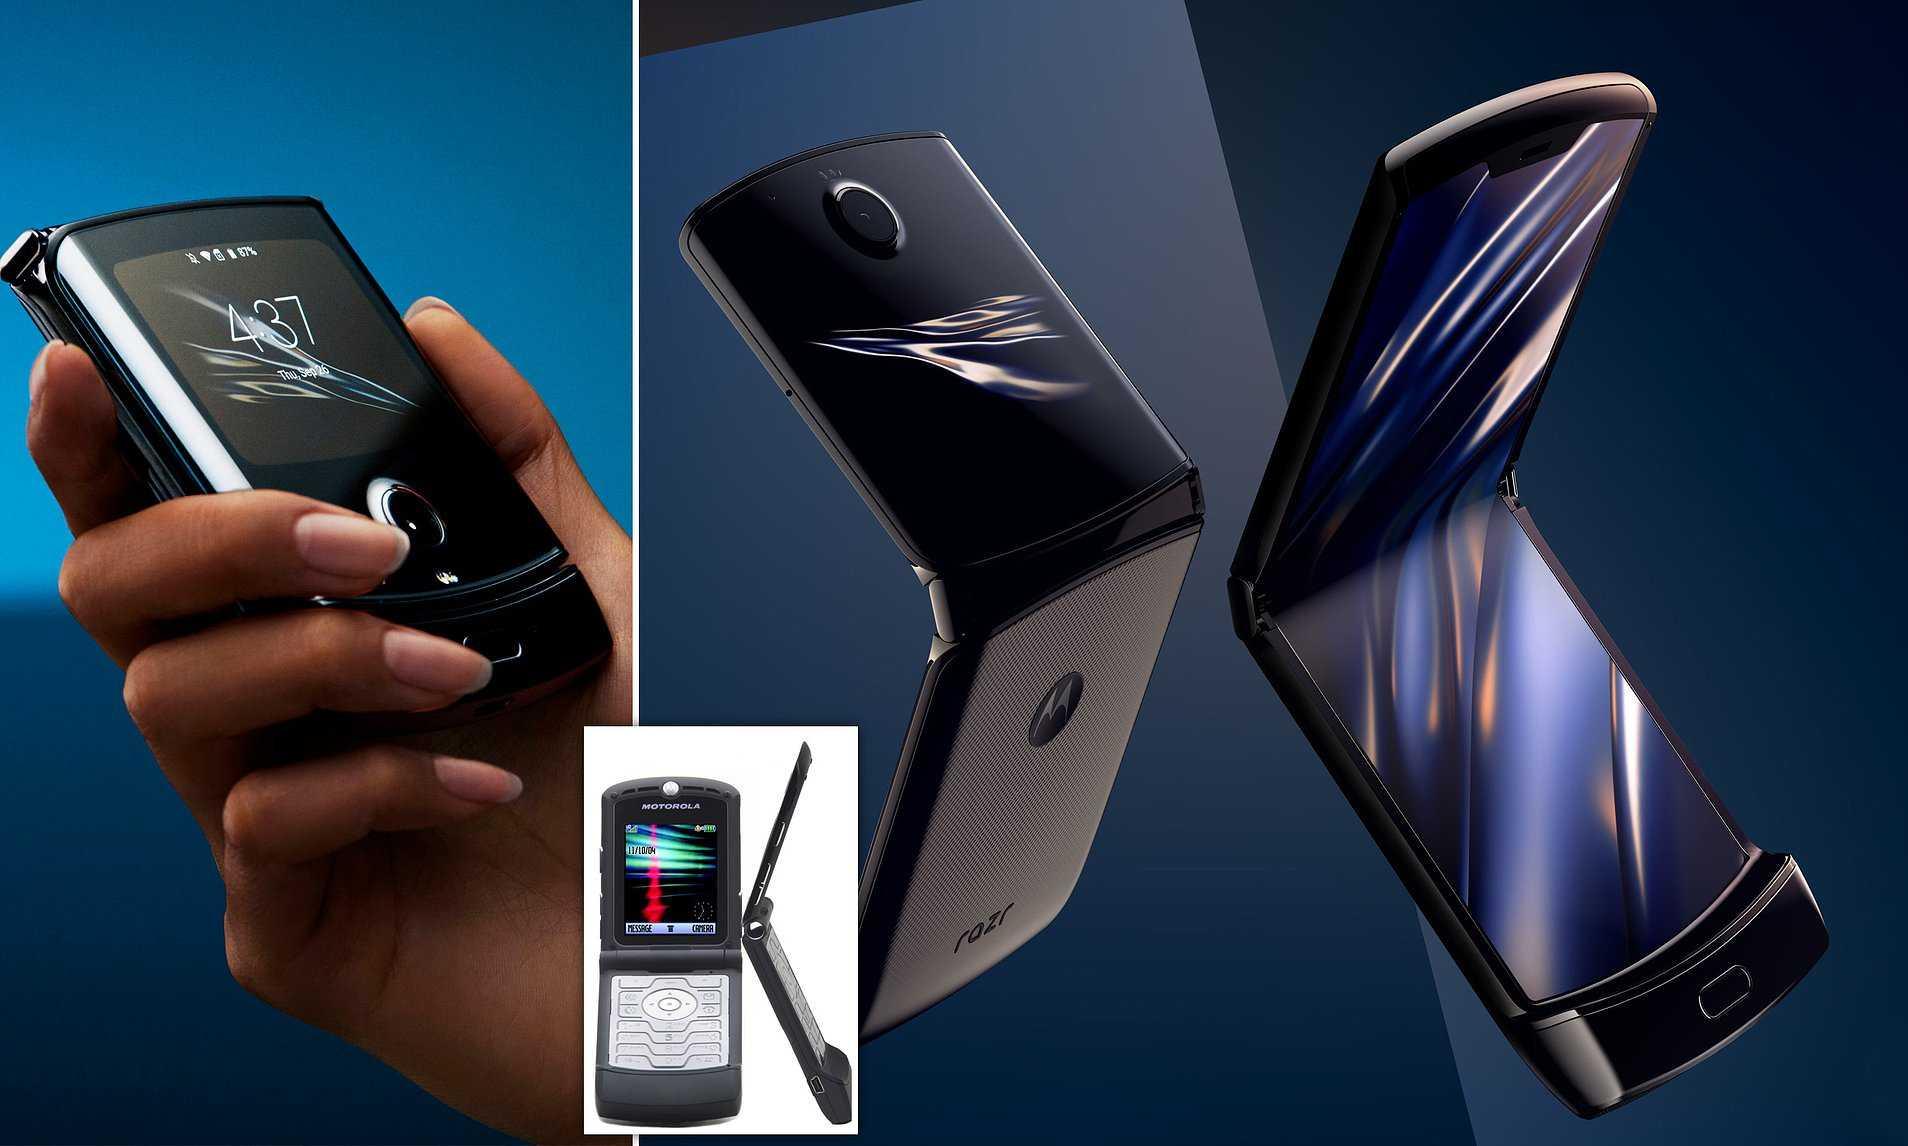 Первый взгляд на motorola razr: культовая раскладушка с гибким экраном. cтатьи, тесты, обзоры